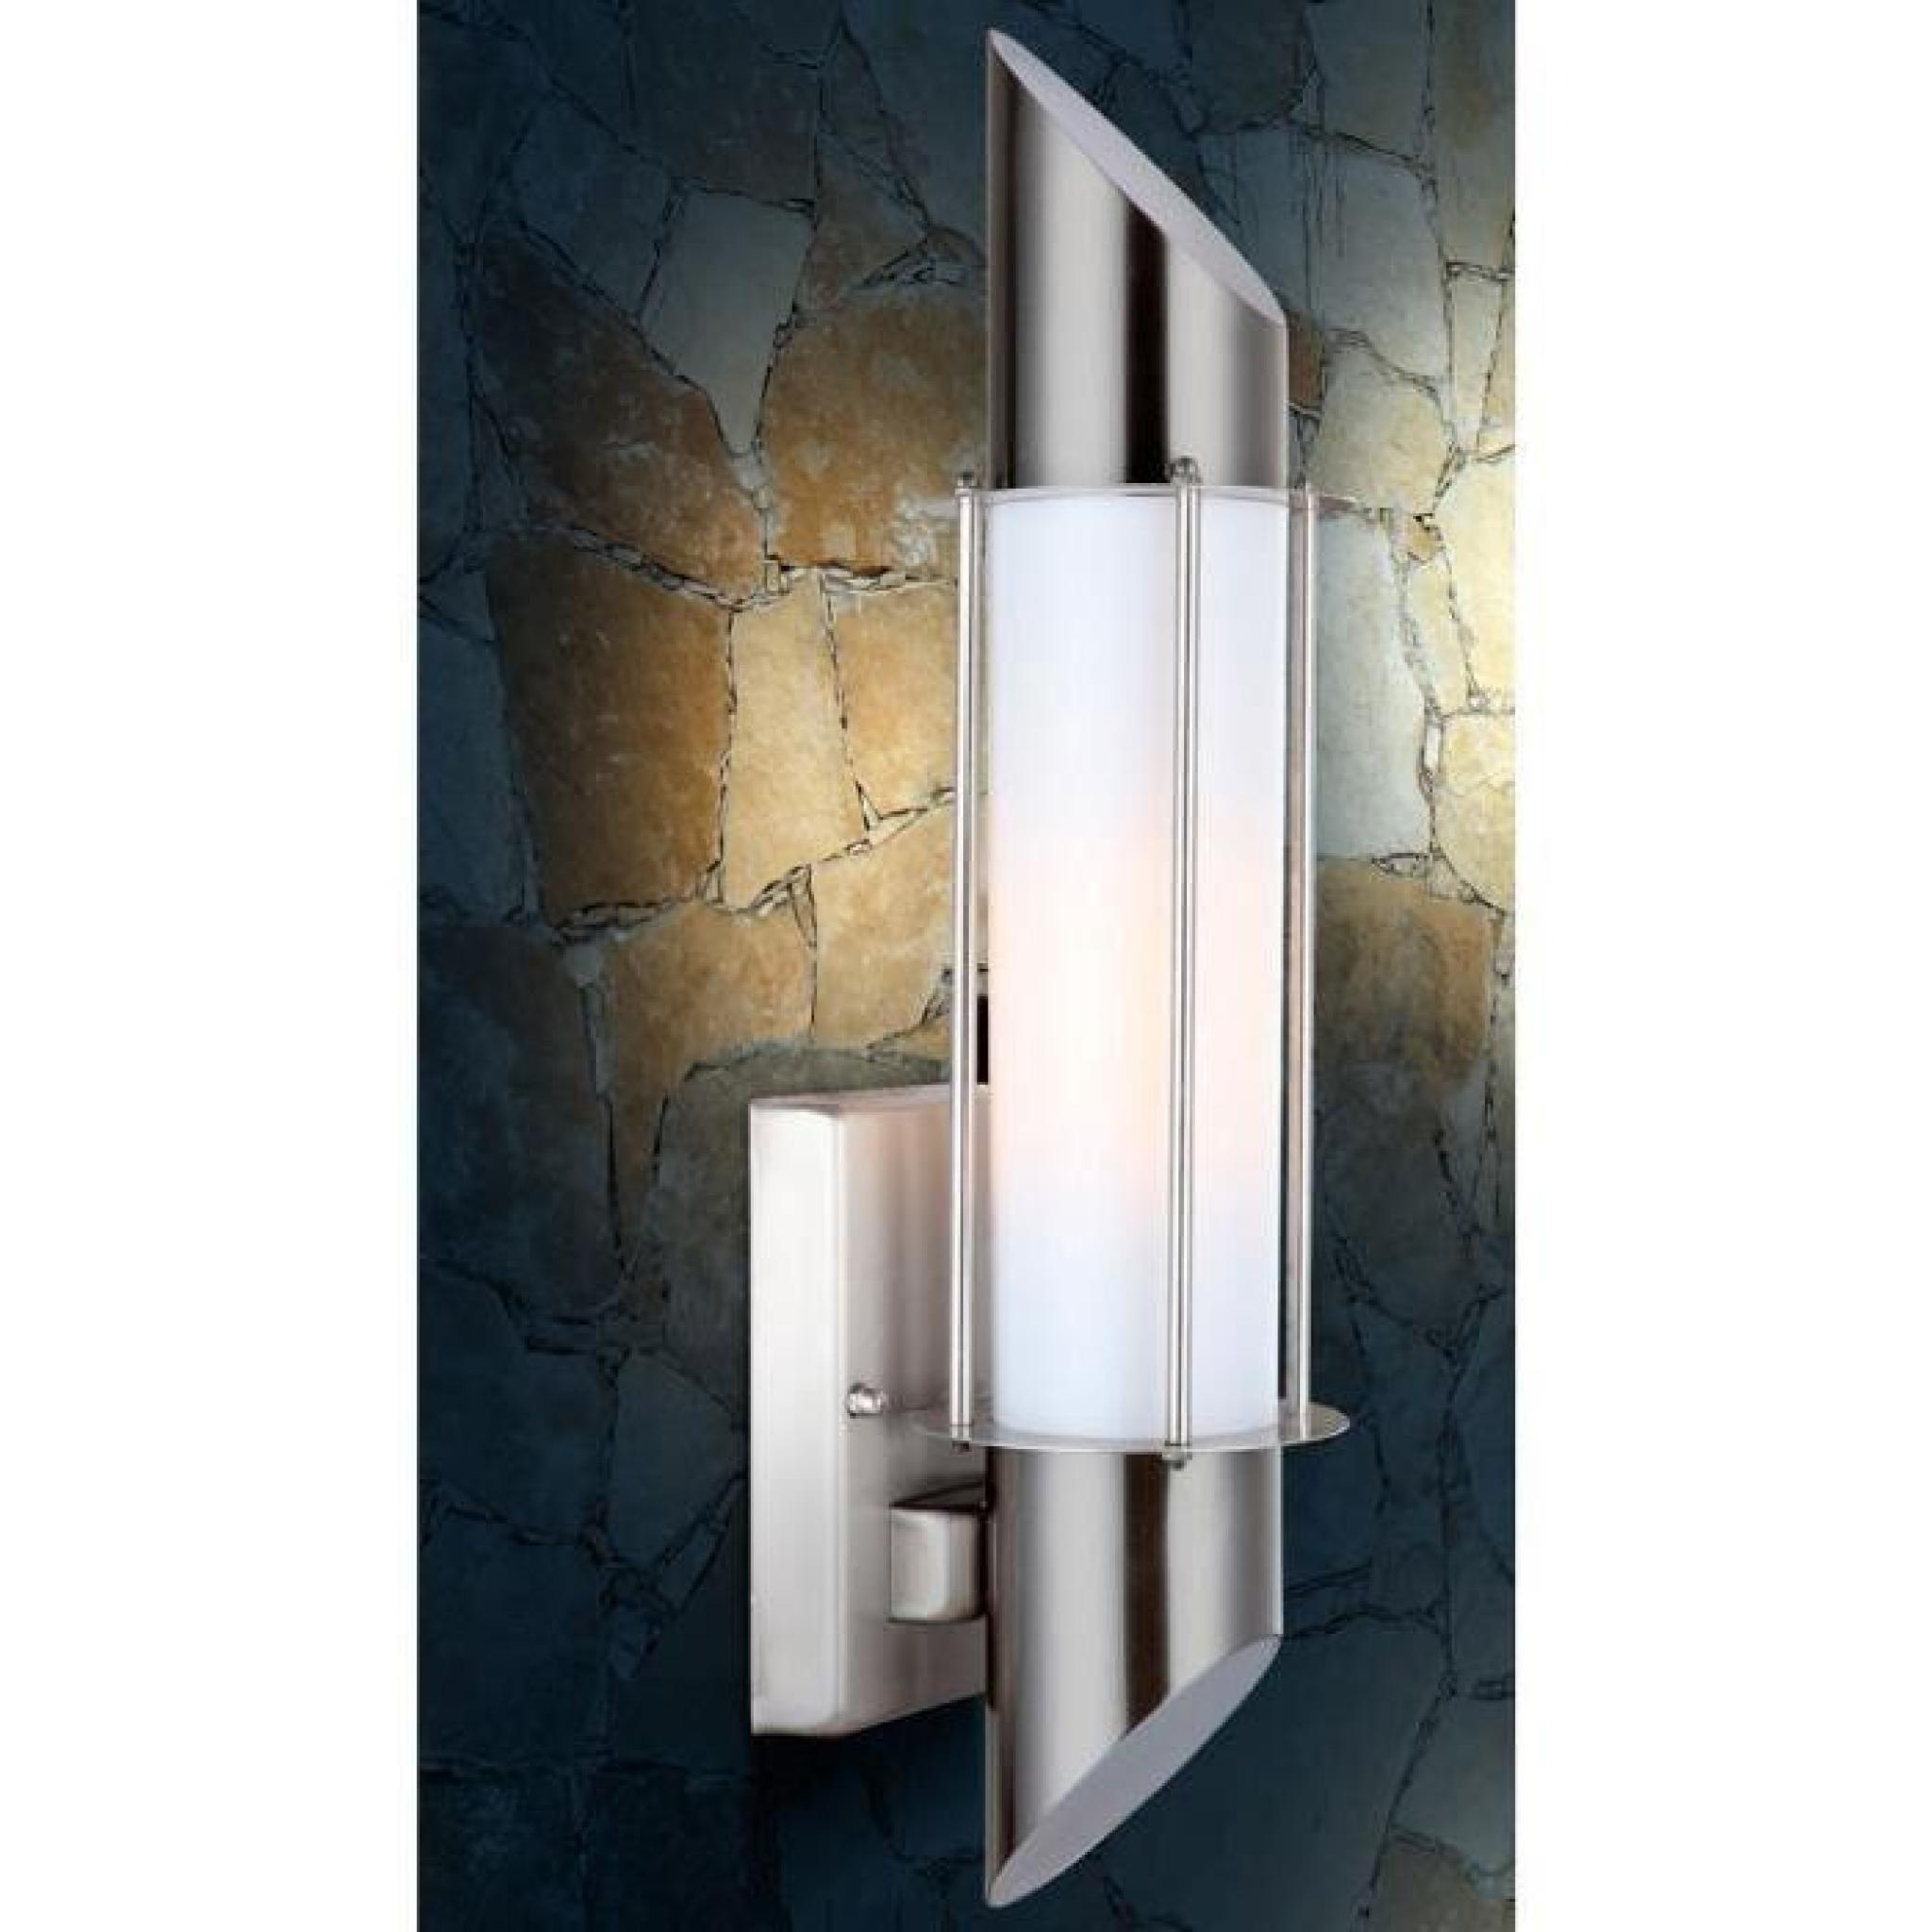 Lampe Exterieur Applique Lumiere Eclairage Acier Affine Globo Dacia